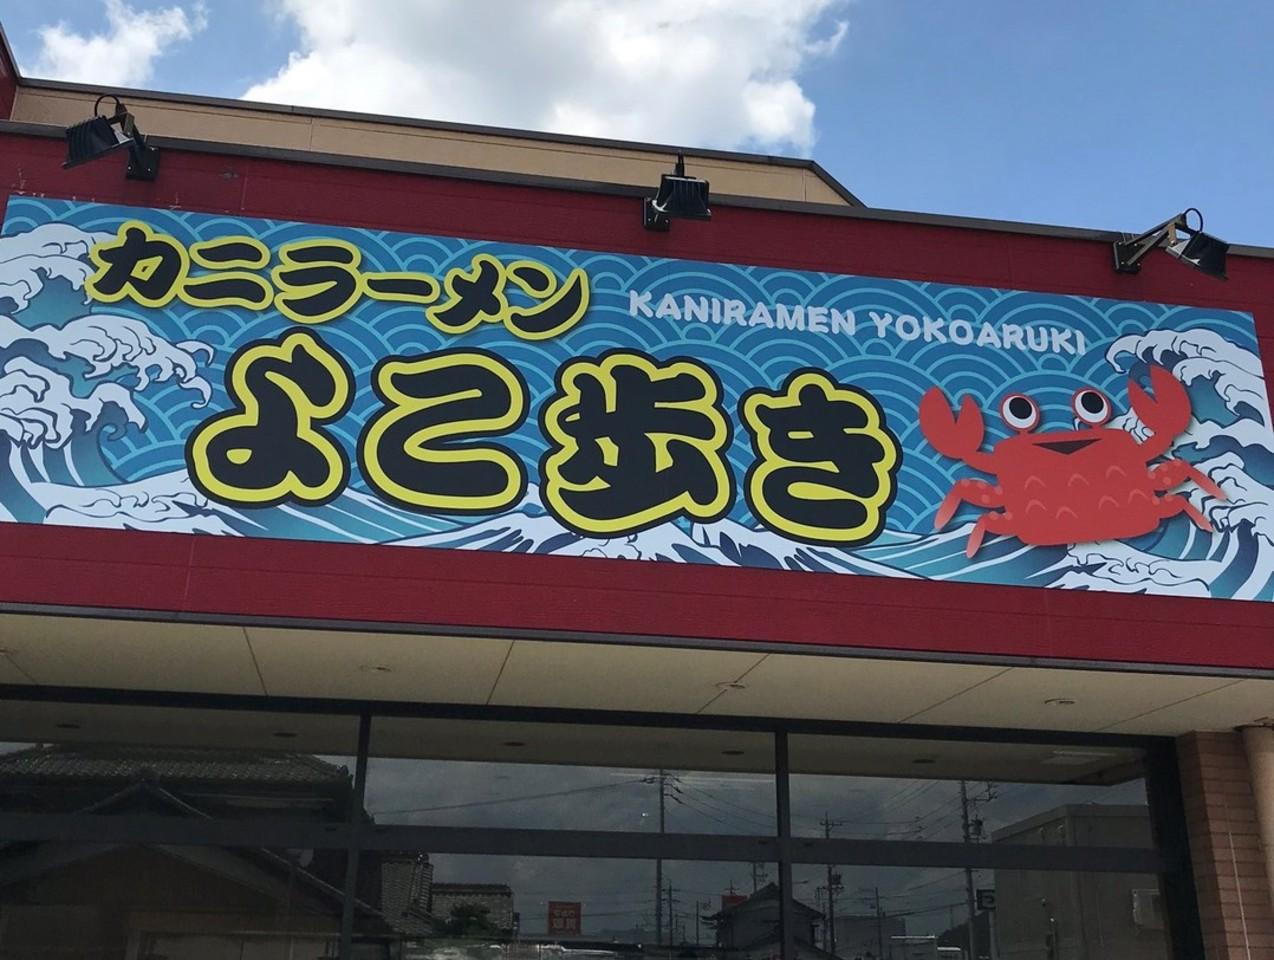 岐阜県各務原市鵜沼ミッ池町に「カニらーめん よこ歩き」が6/24よりプレオープンのようです。